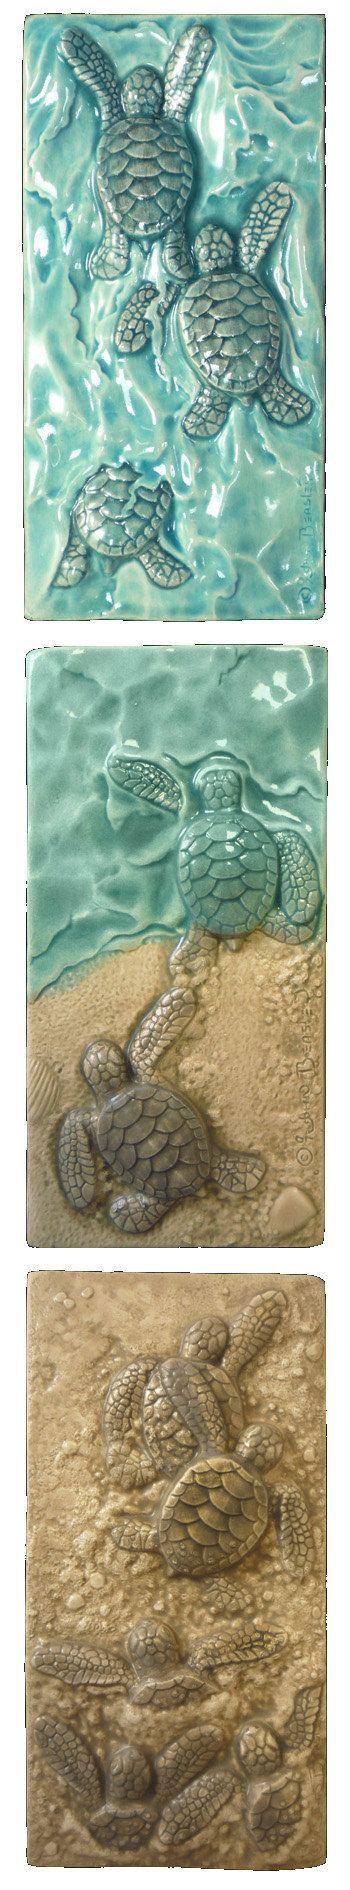 Baby Green Sea Turtles drieluik verkocht als set van drie afzonderlijke tegels alleen. Elke tegel is 3 inch 6 in. Elk heeft een holte in de rug voor gemakkelijke opknoping. Elke fase van hun geboorte is vertegenwoordigd, van het uitgraven van hun nest (iedereen uit!) om hen te lopen voor hun leven en het bereiken van de zee (ik Win!) om hun marathon zwemmen, (Body-Surfing).  Zeer gedetailleerde gebeeldhouwde tegel gemaakt van keramiek met behulp van een verscheidenheid van glazuren. Elke…